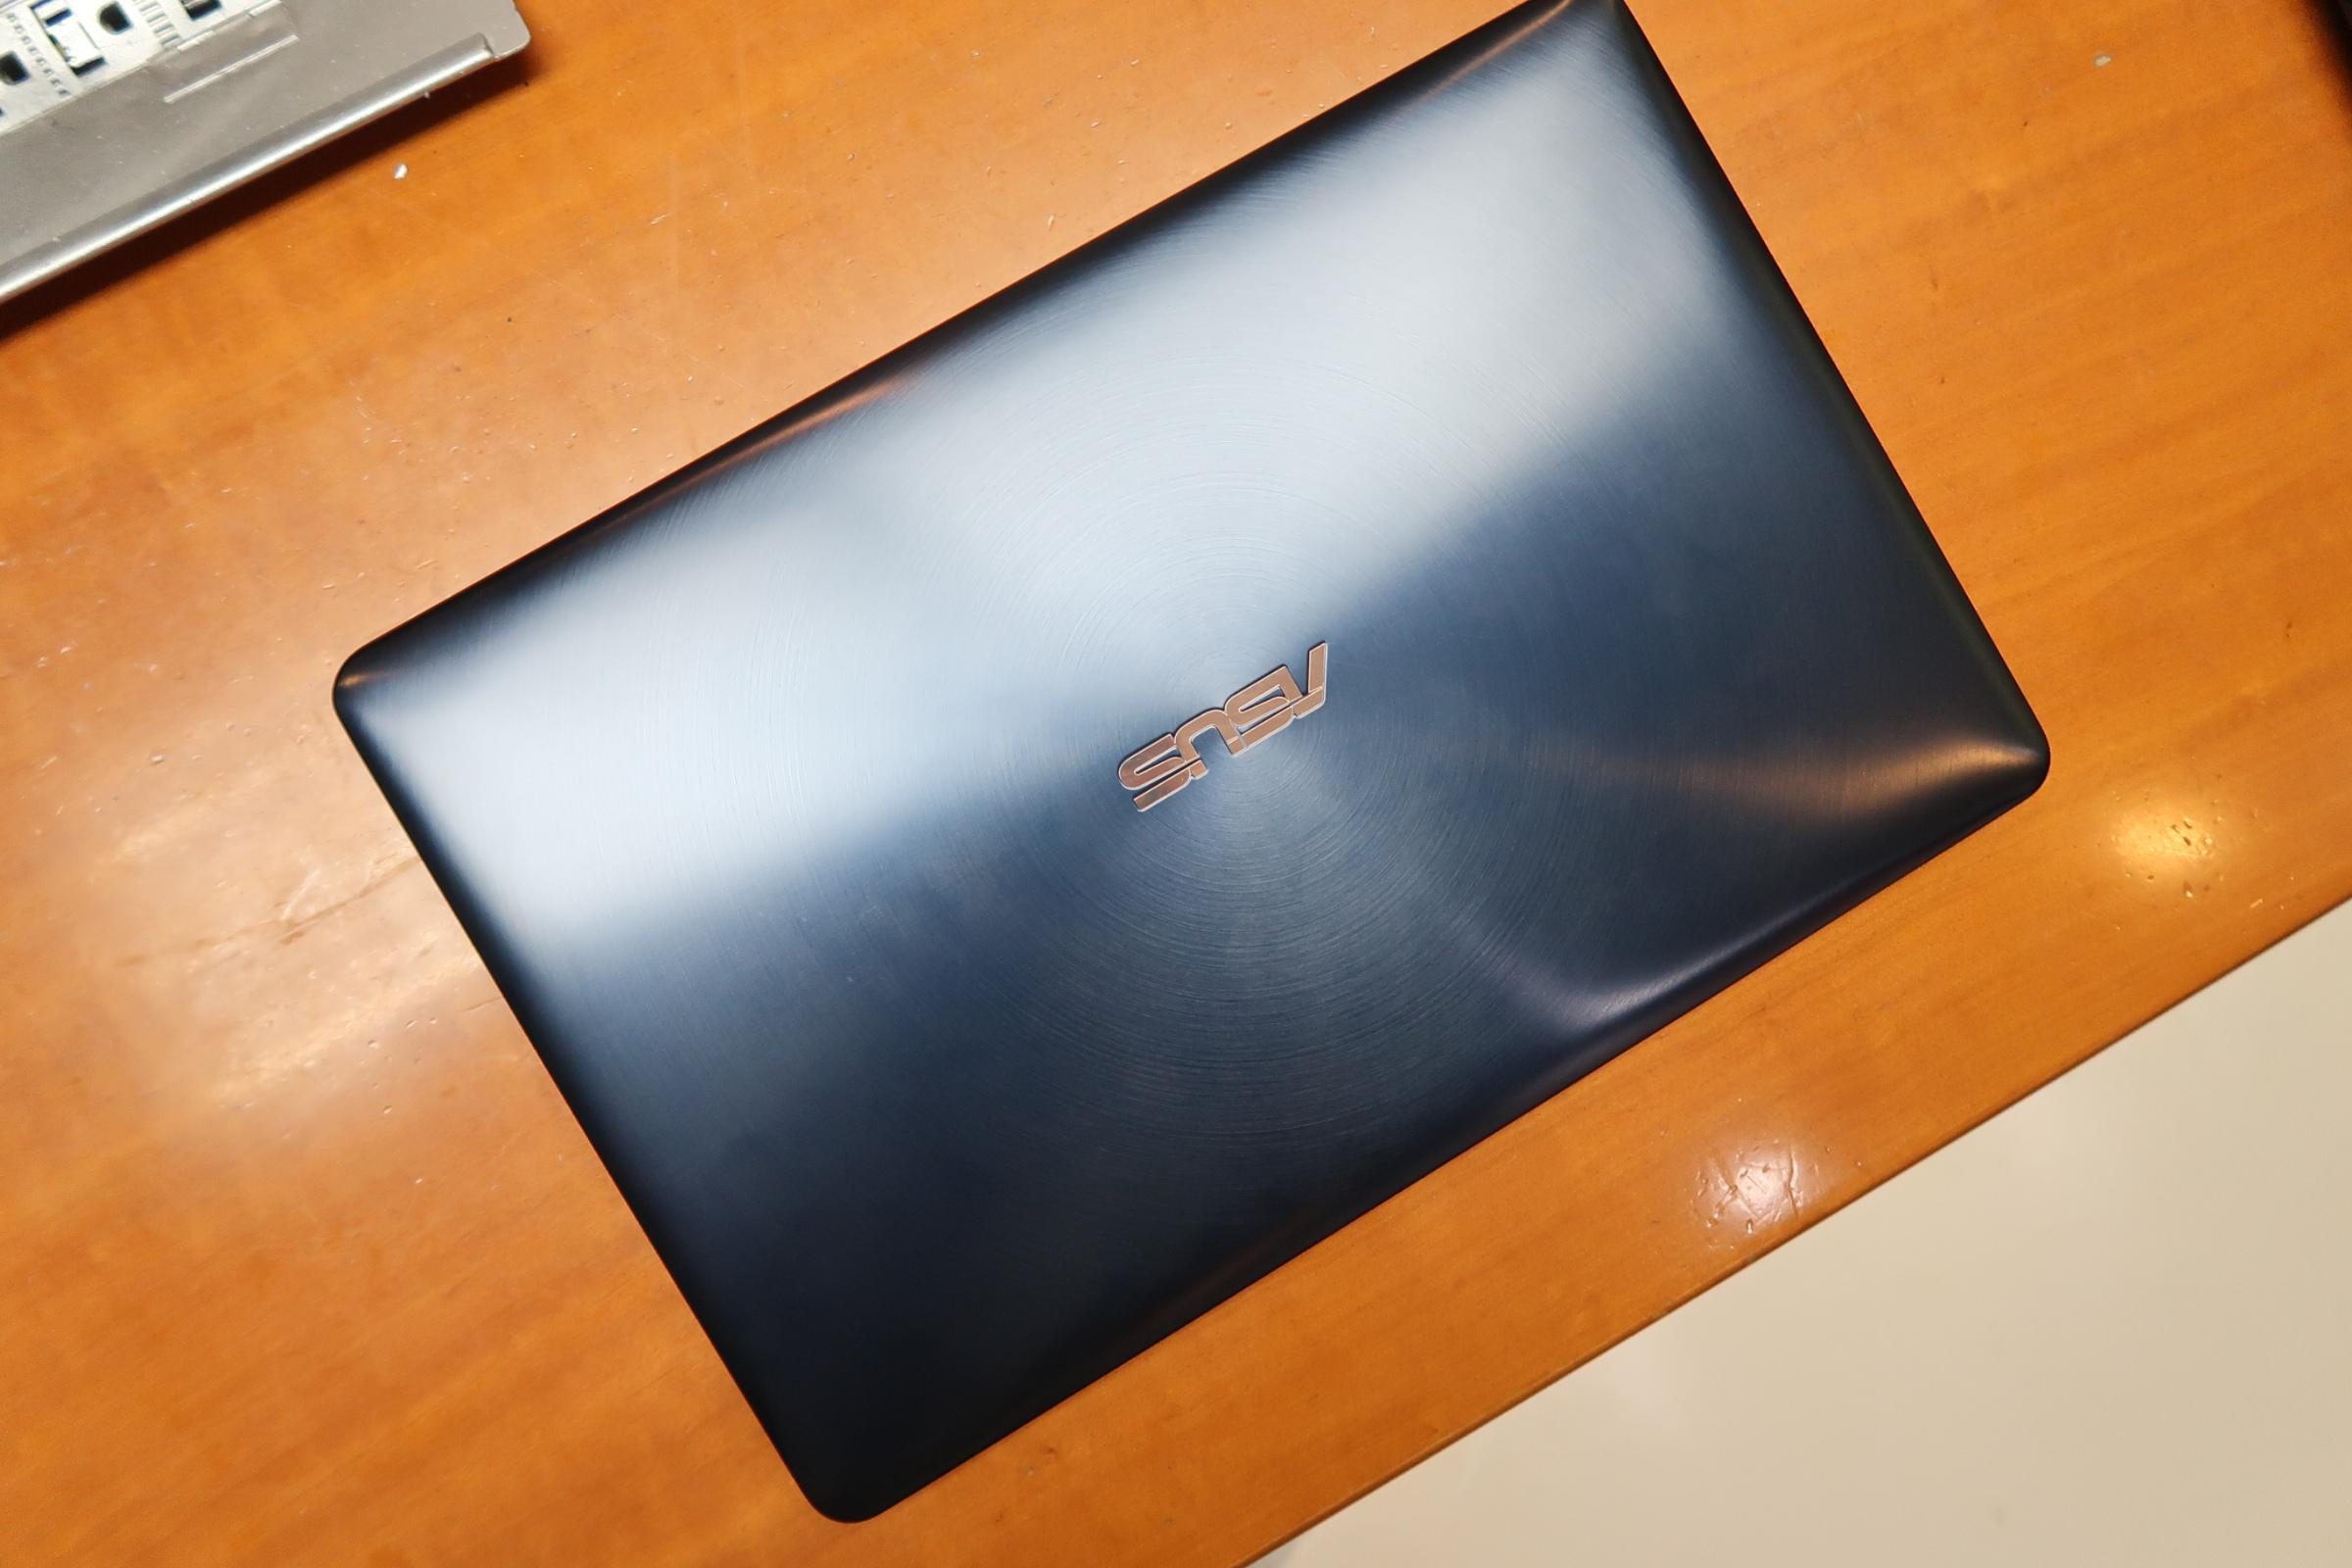 华硕灵耀X Pro上手体验:多一块屏幕 能否逆袭MacBook Pro?的照片 - 2